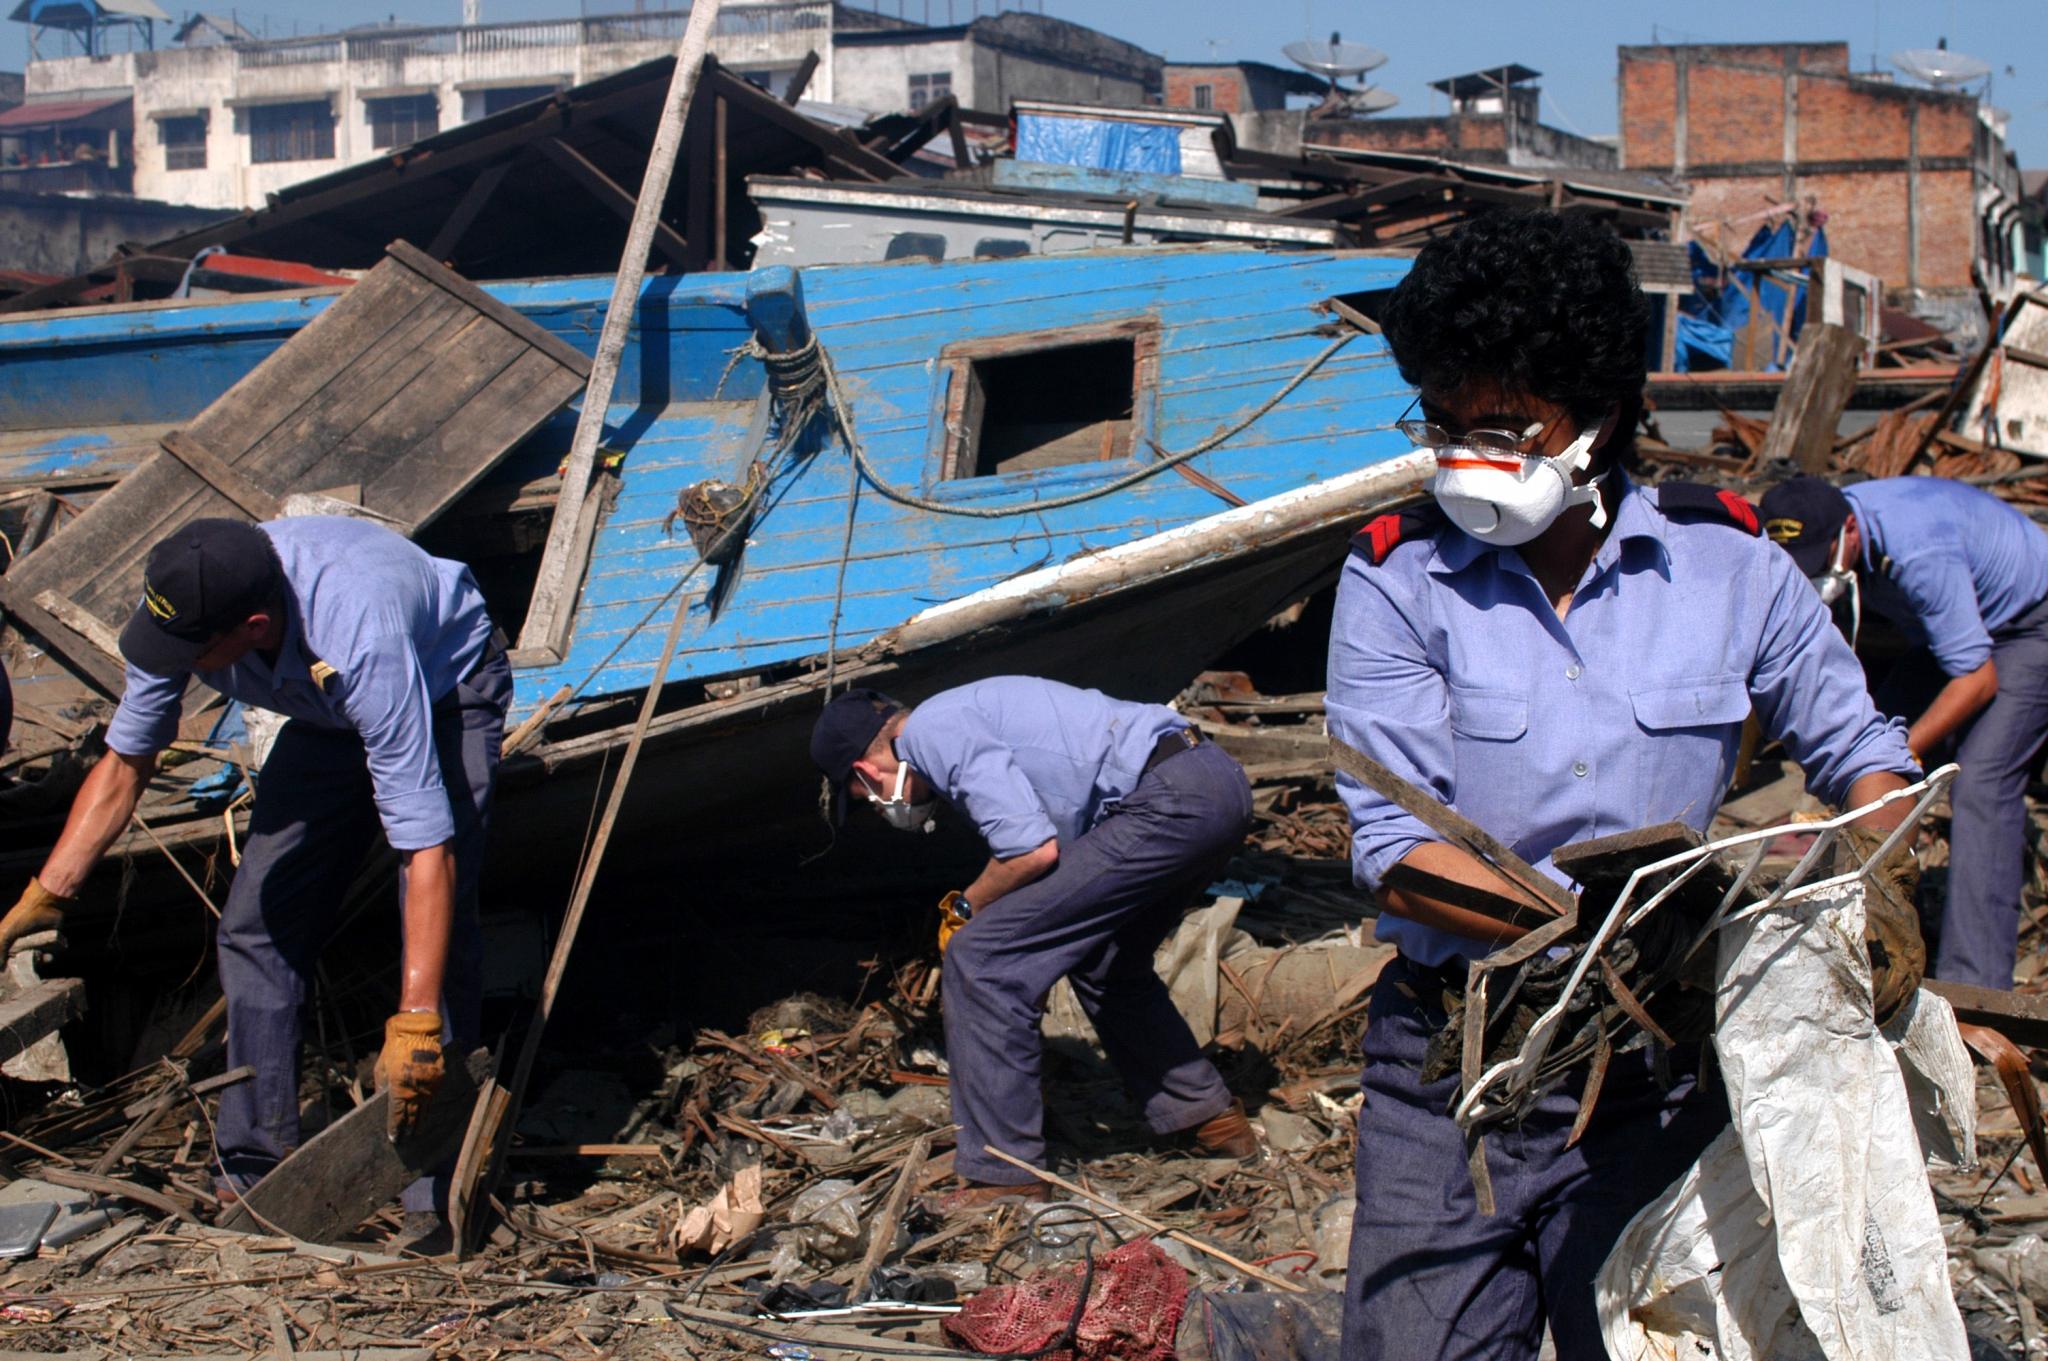 tsunami,indonésie,meulaboh,aceh,band aceh,mission beryx,humanitaire,militaire,assistance,marine,jeanne d'arc,porte-hélicoptères,r97,la jeanne